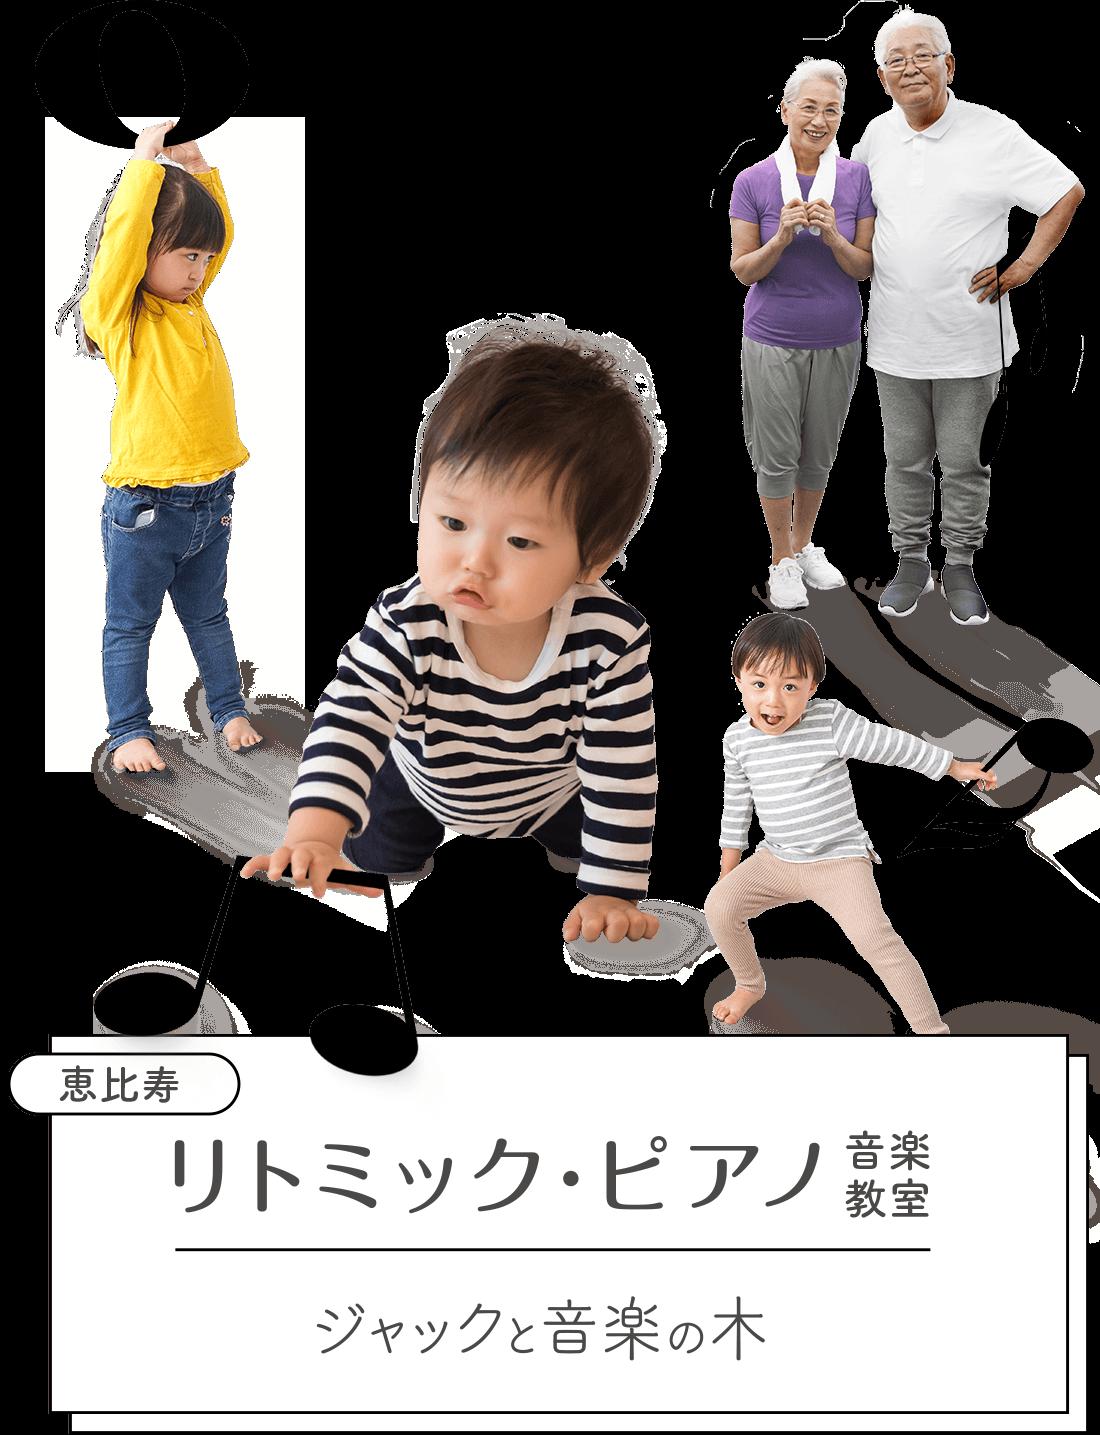 恵比寿リトミック・ピアノ教室 ジャックと音楽の木